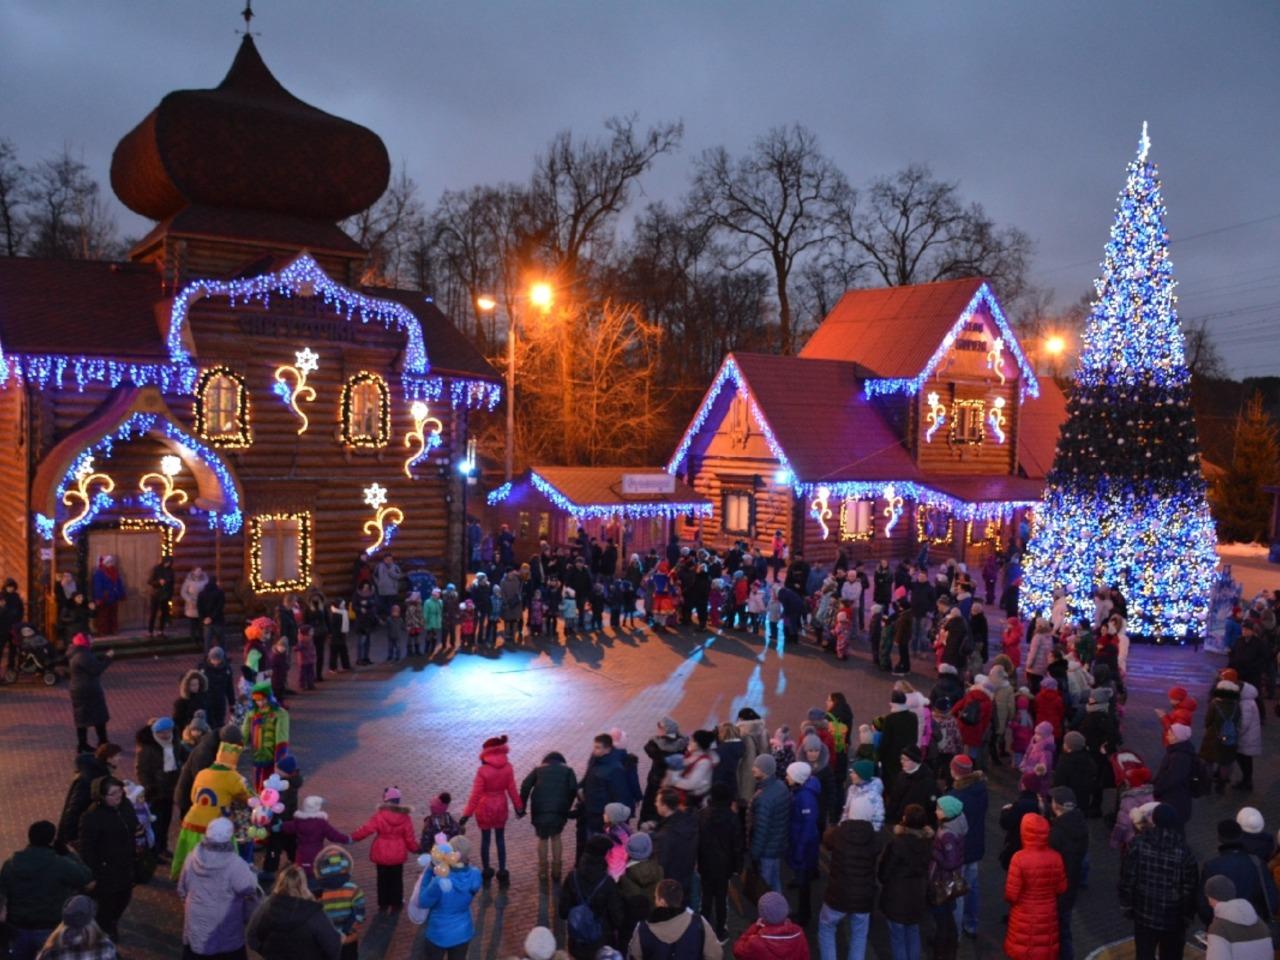 С Дедом Морозом по новогодней Москве - индивидуальная экскурсия по Москве от опытного гида